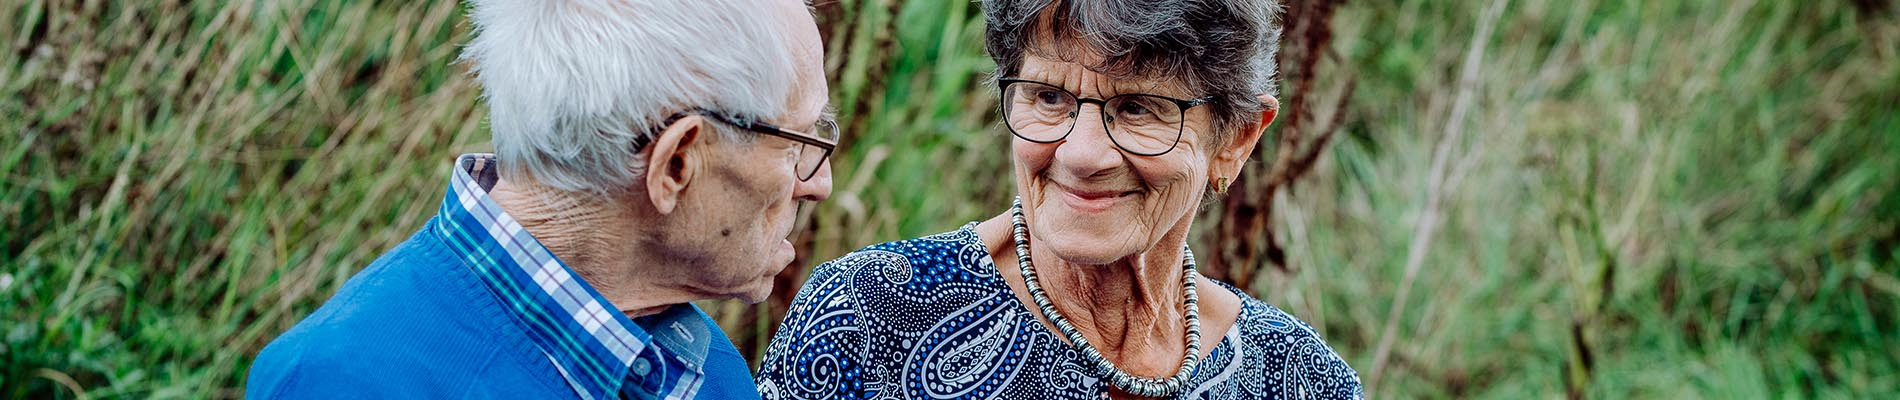 Bejaard echtpaar buiten, zorggroep Liante